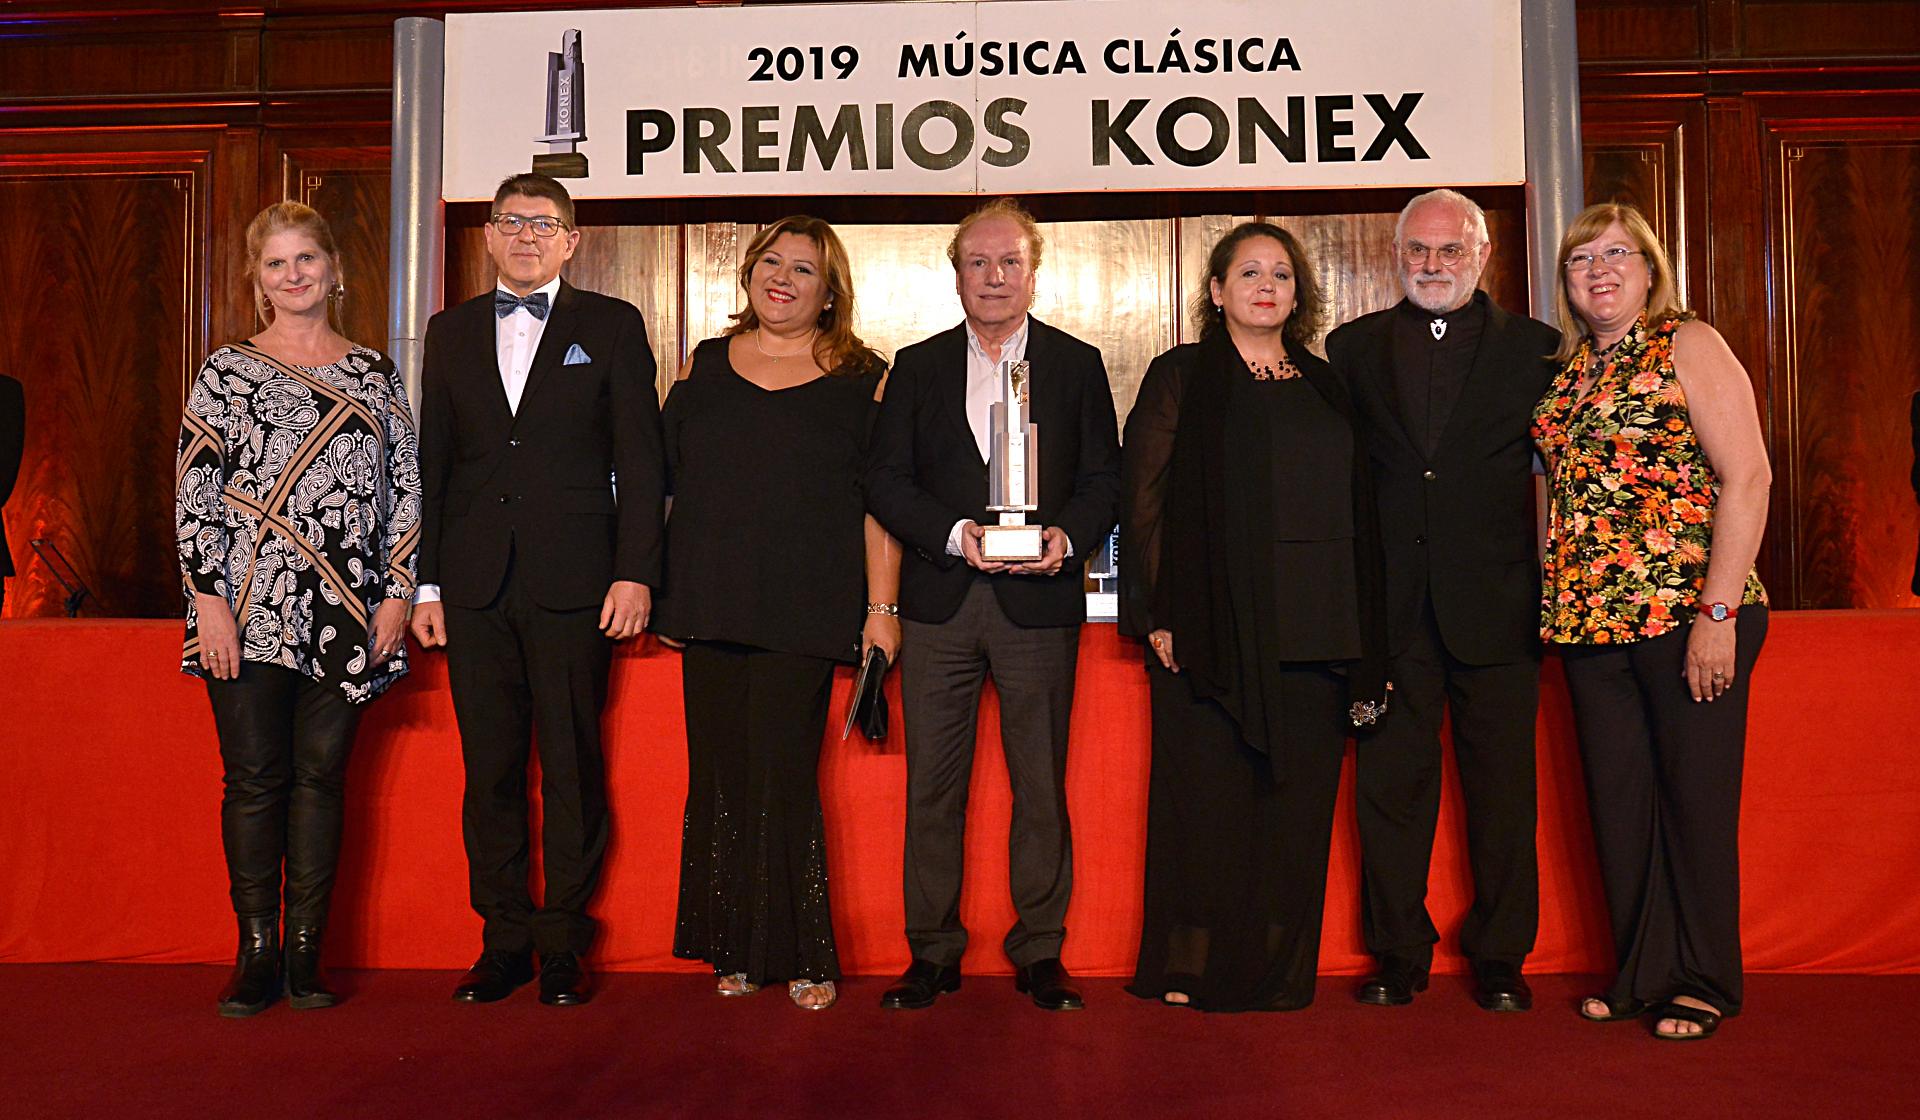 El coro estable del Teatro Colón también fue premiado